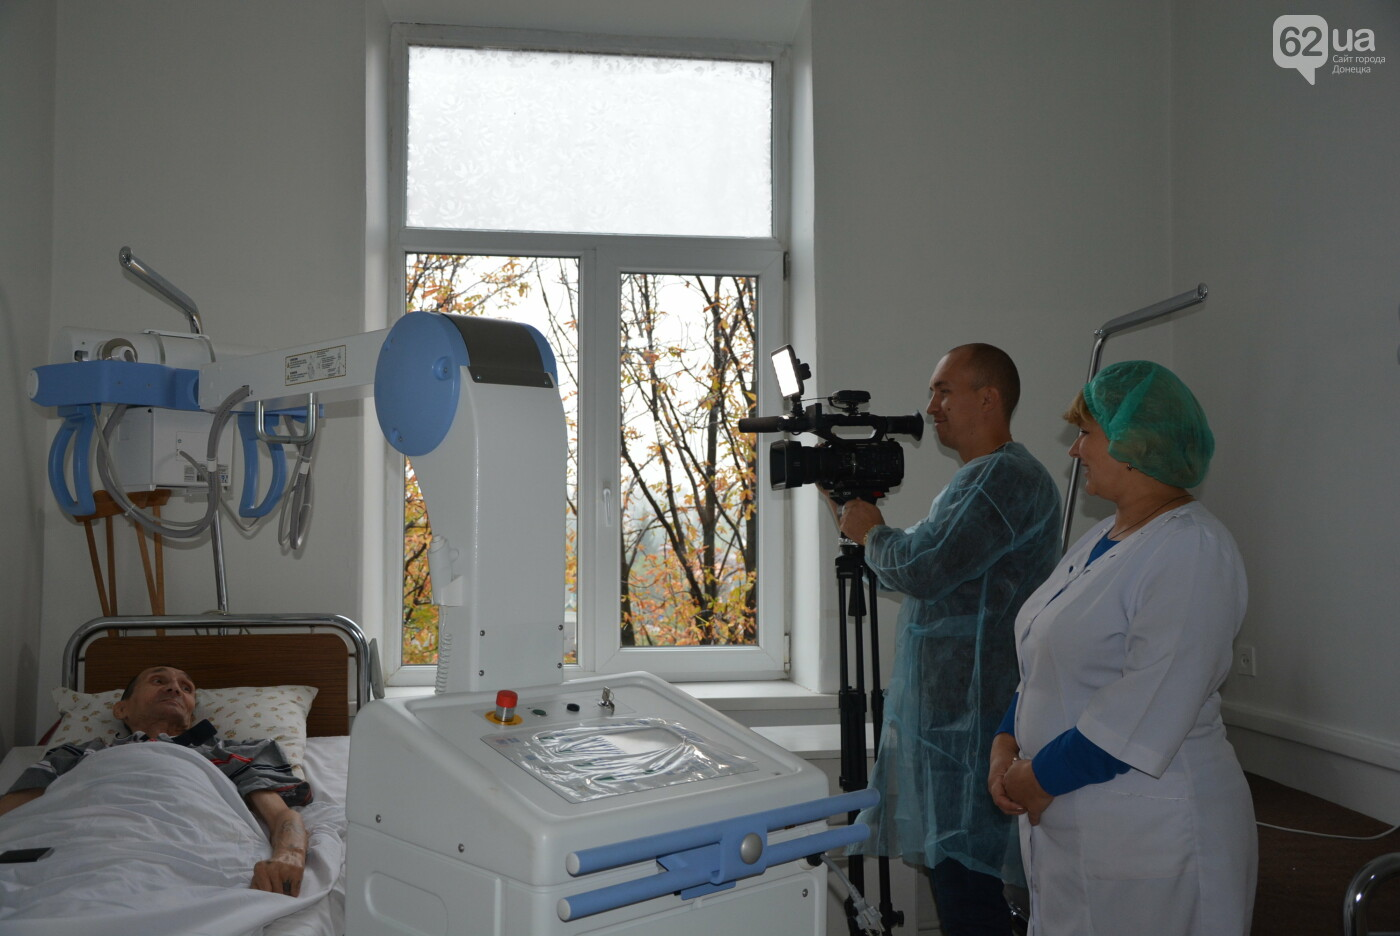 """Благодаря благотворительному фонду """"Помогать просто!"""" в Покровске появилось уникальное медицинское оборудование, фото-2"""